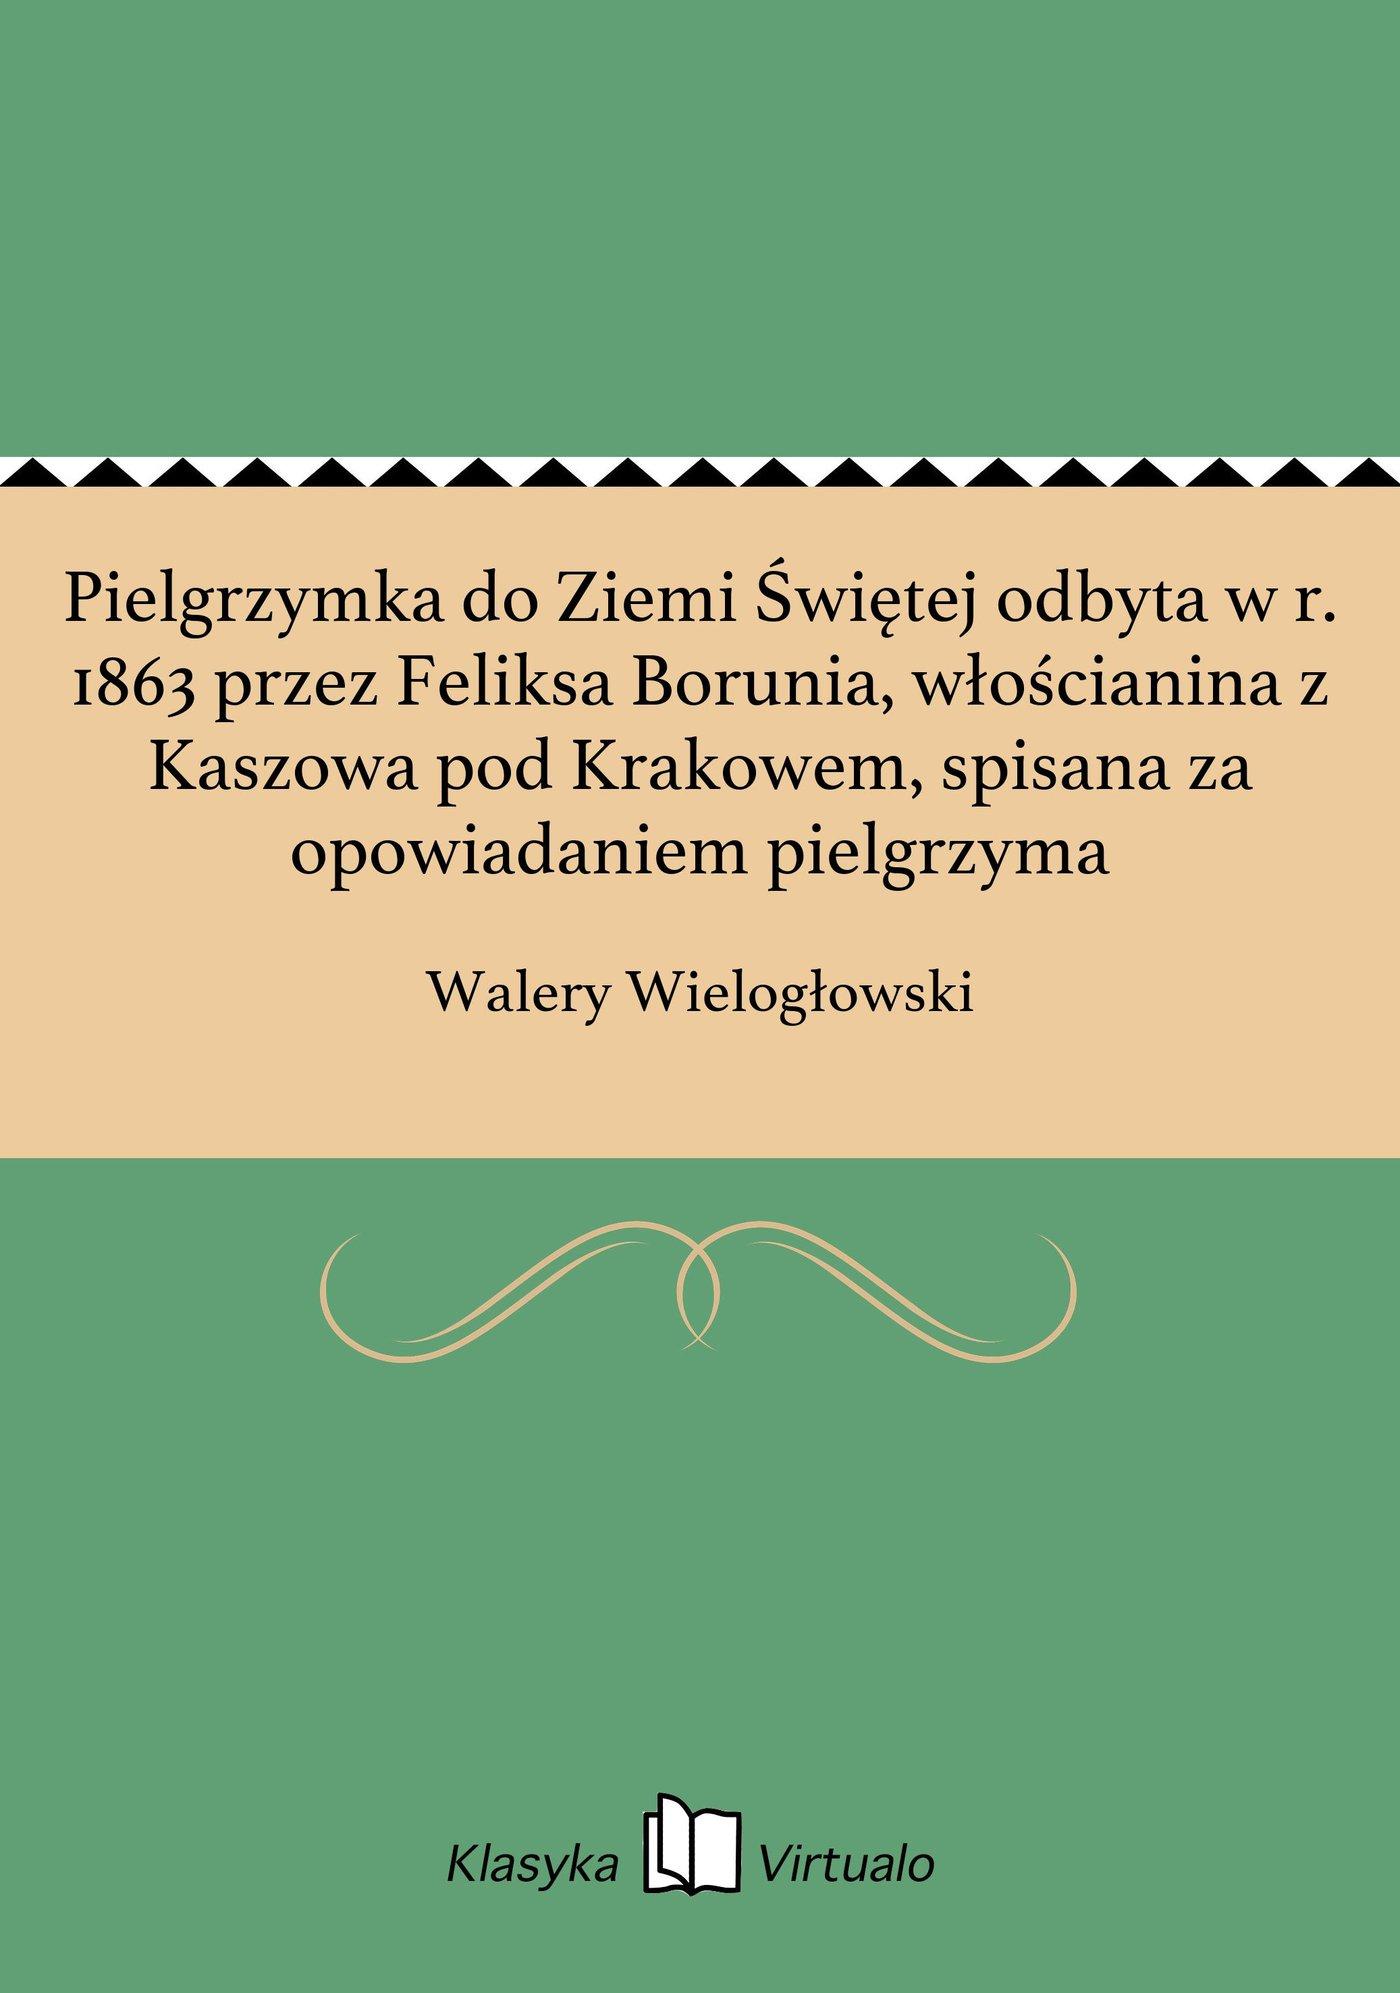 Pielgrzymka do Ziemi Świętej odbyta w r. 1863 przez Feliksa Borunia, włościanina z Kaszowa pod Krakowem, spisana za opowiadaniem pielgrzyma - Ebook (Książka na Kindle) do pobrania w formacie MOBI